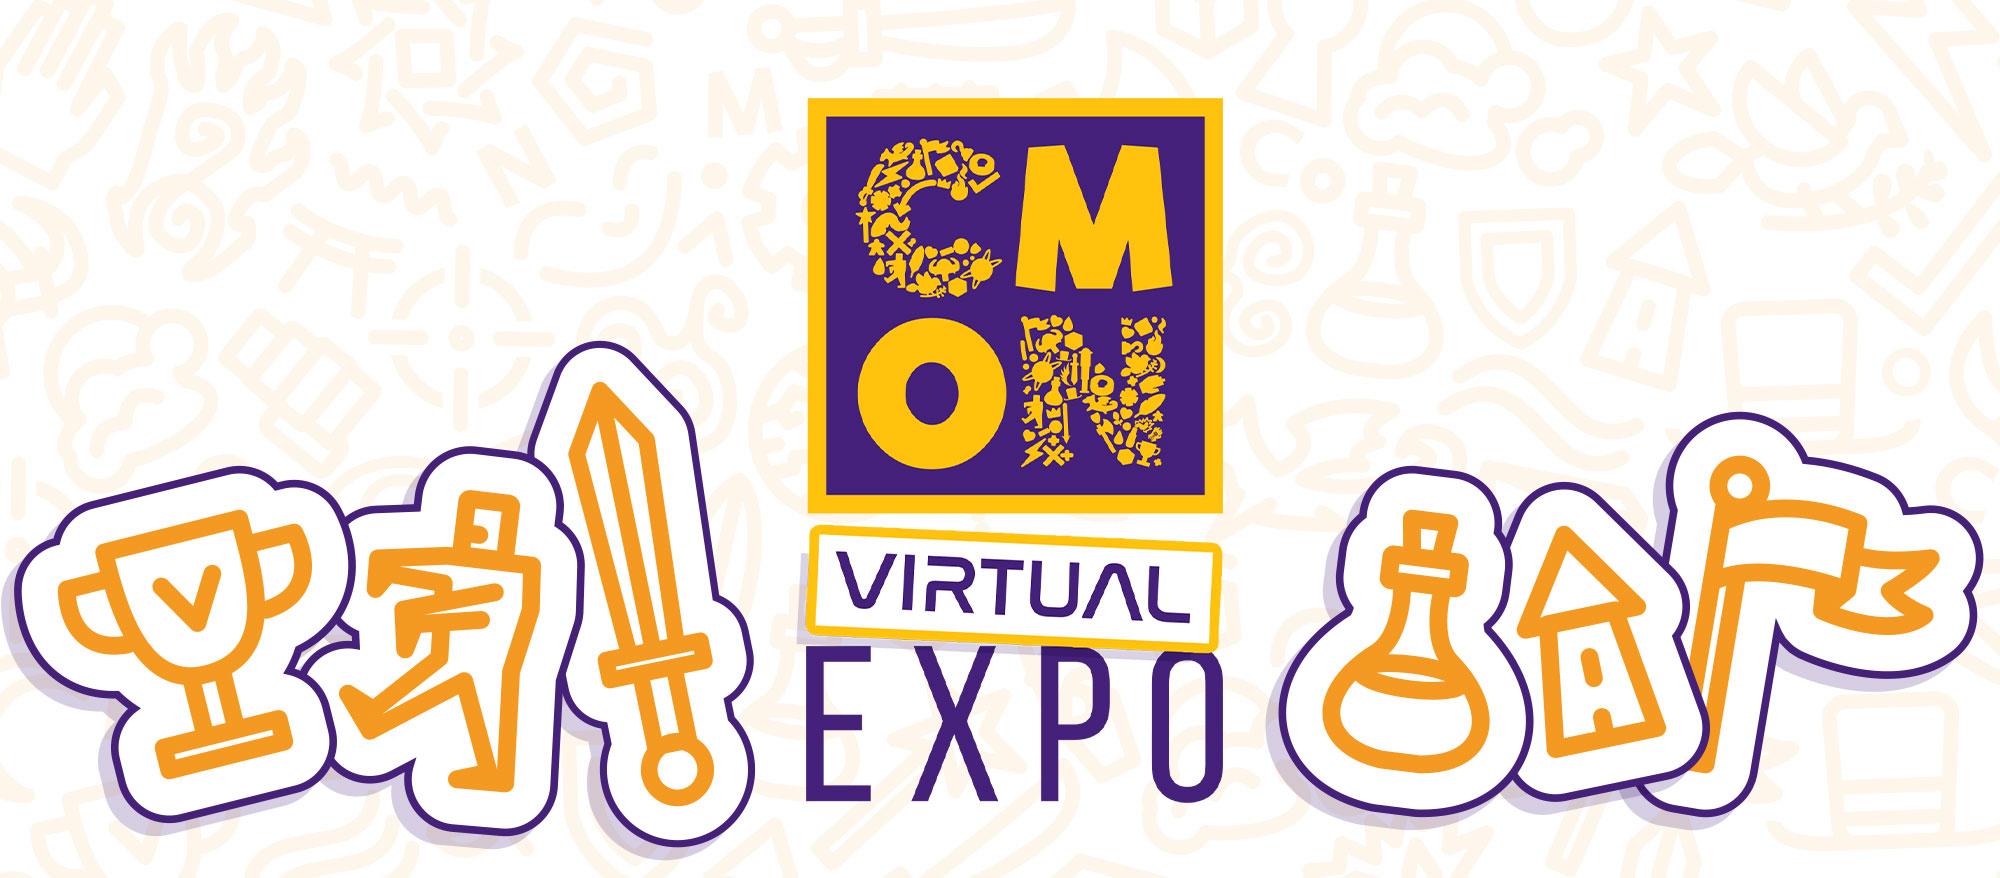 CMON Virtual Expo 2020